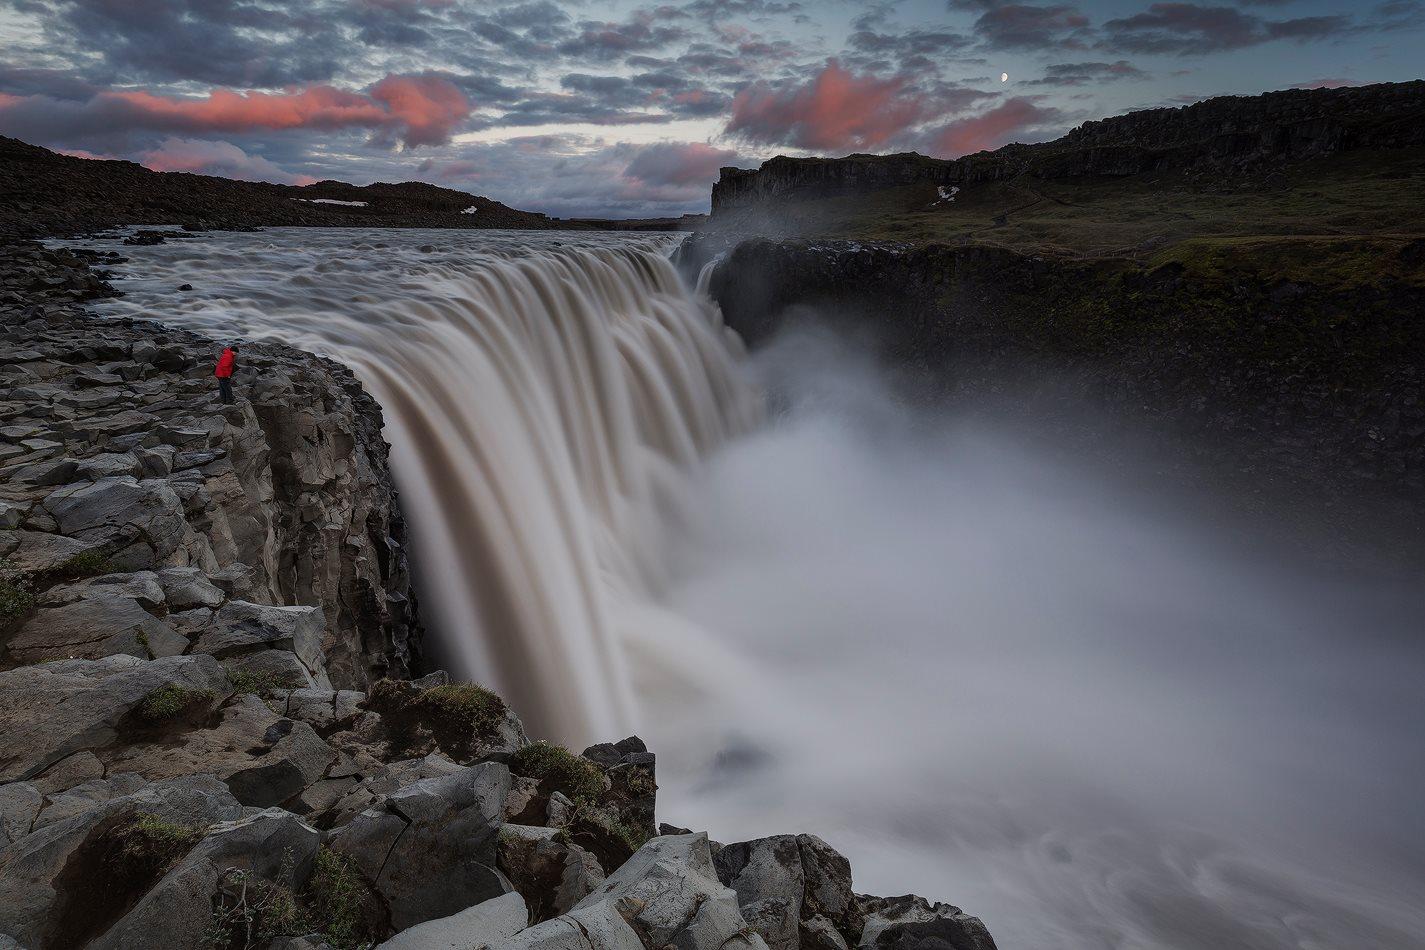 La cascata più potente d'Europa, Dettifoss, si schianta nel canyon di Jökulsárgljúfur con un terrificante ruggito.